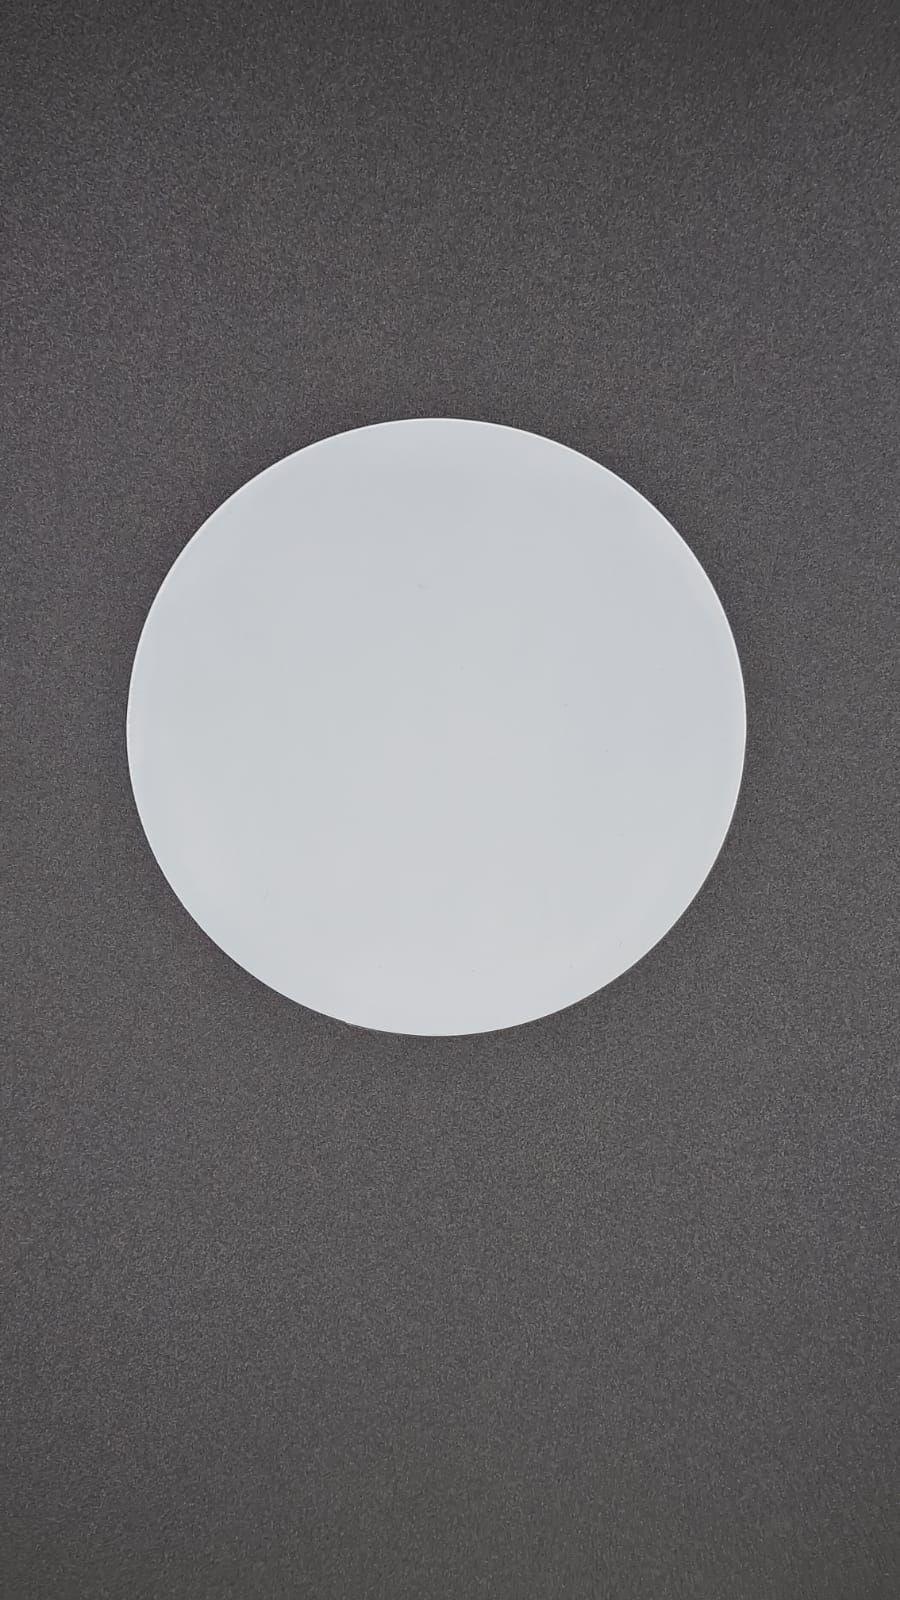 20cm Blank Acrylic Disc